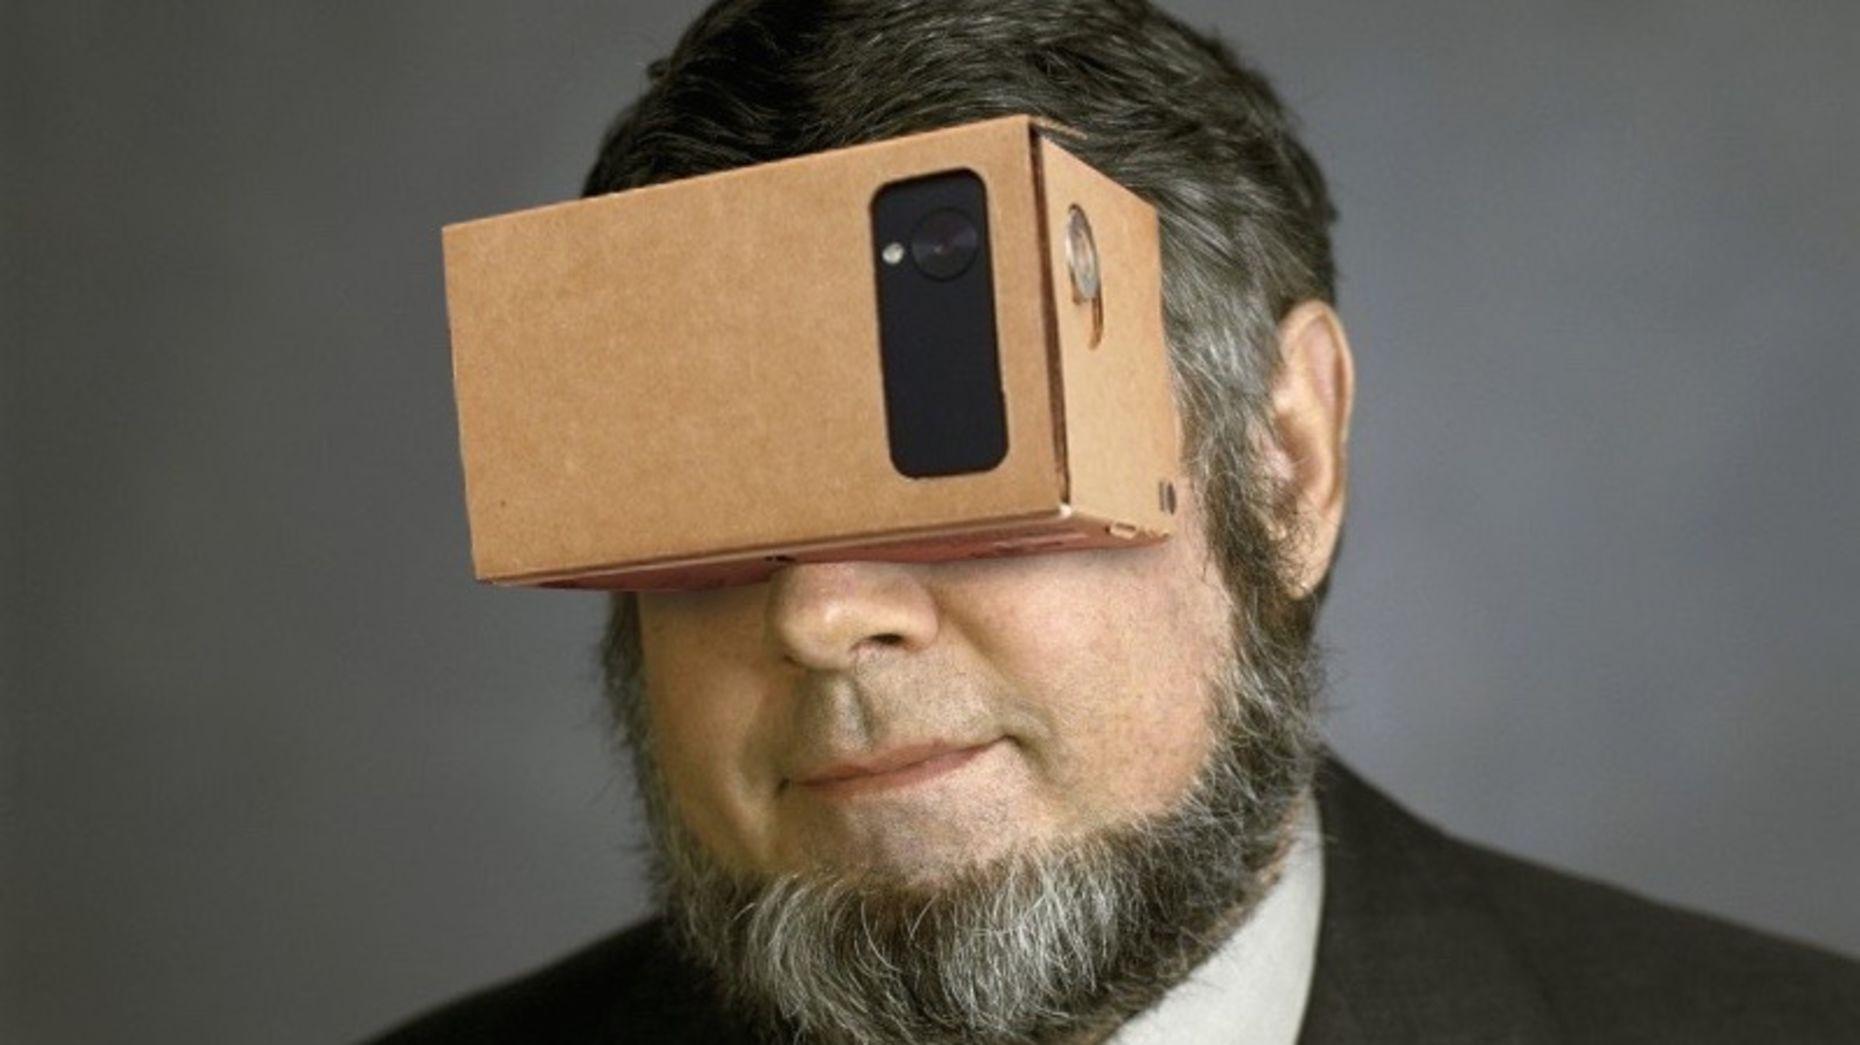 Google's VR cardboard. Photo by Flickr/sndrv.